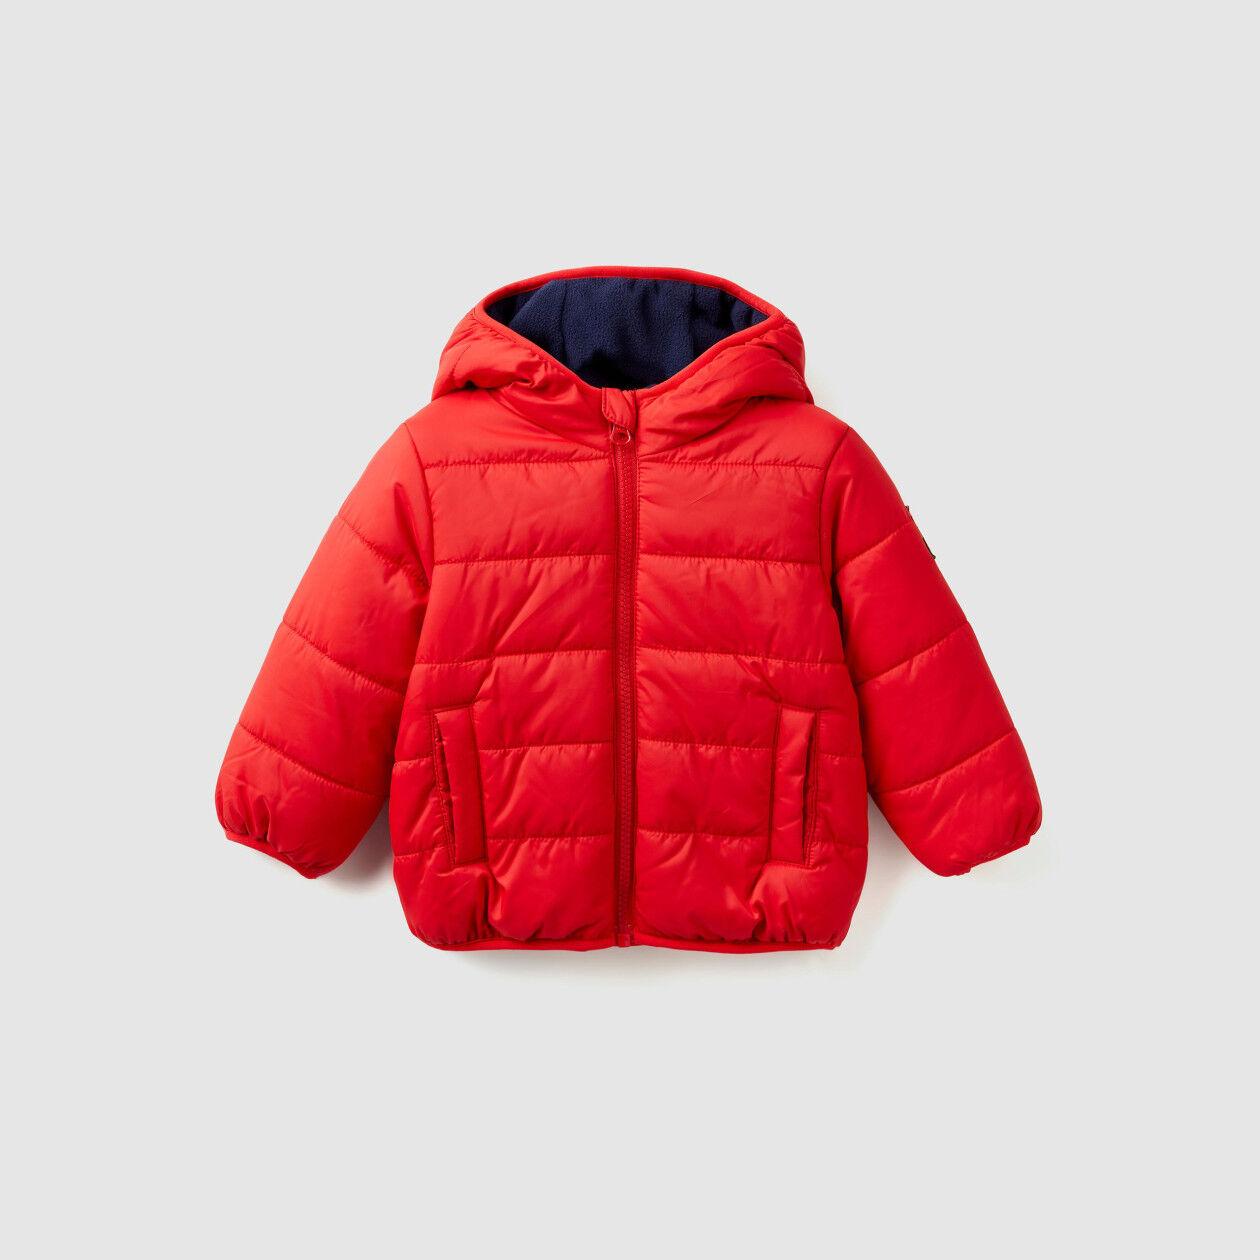 Puffer jacket lined in fleece